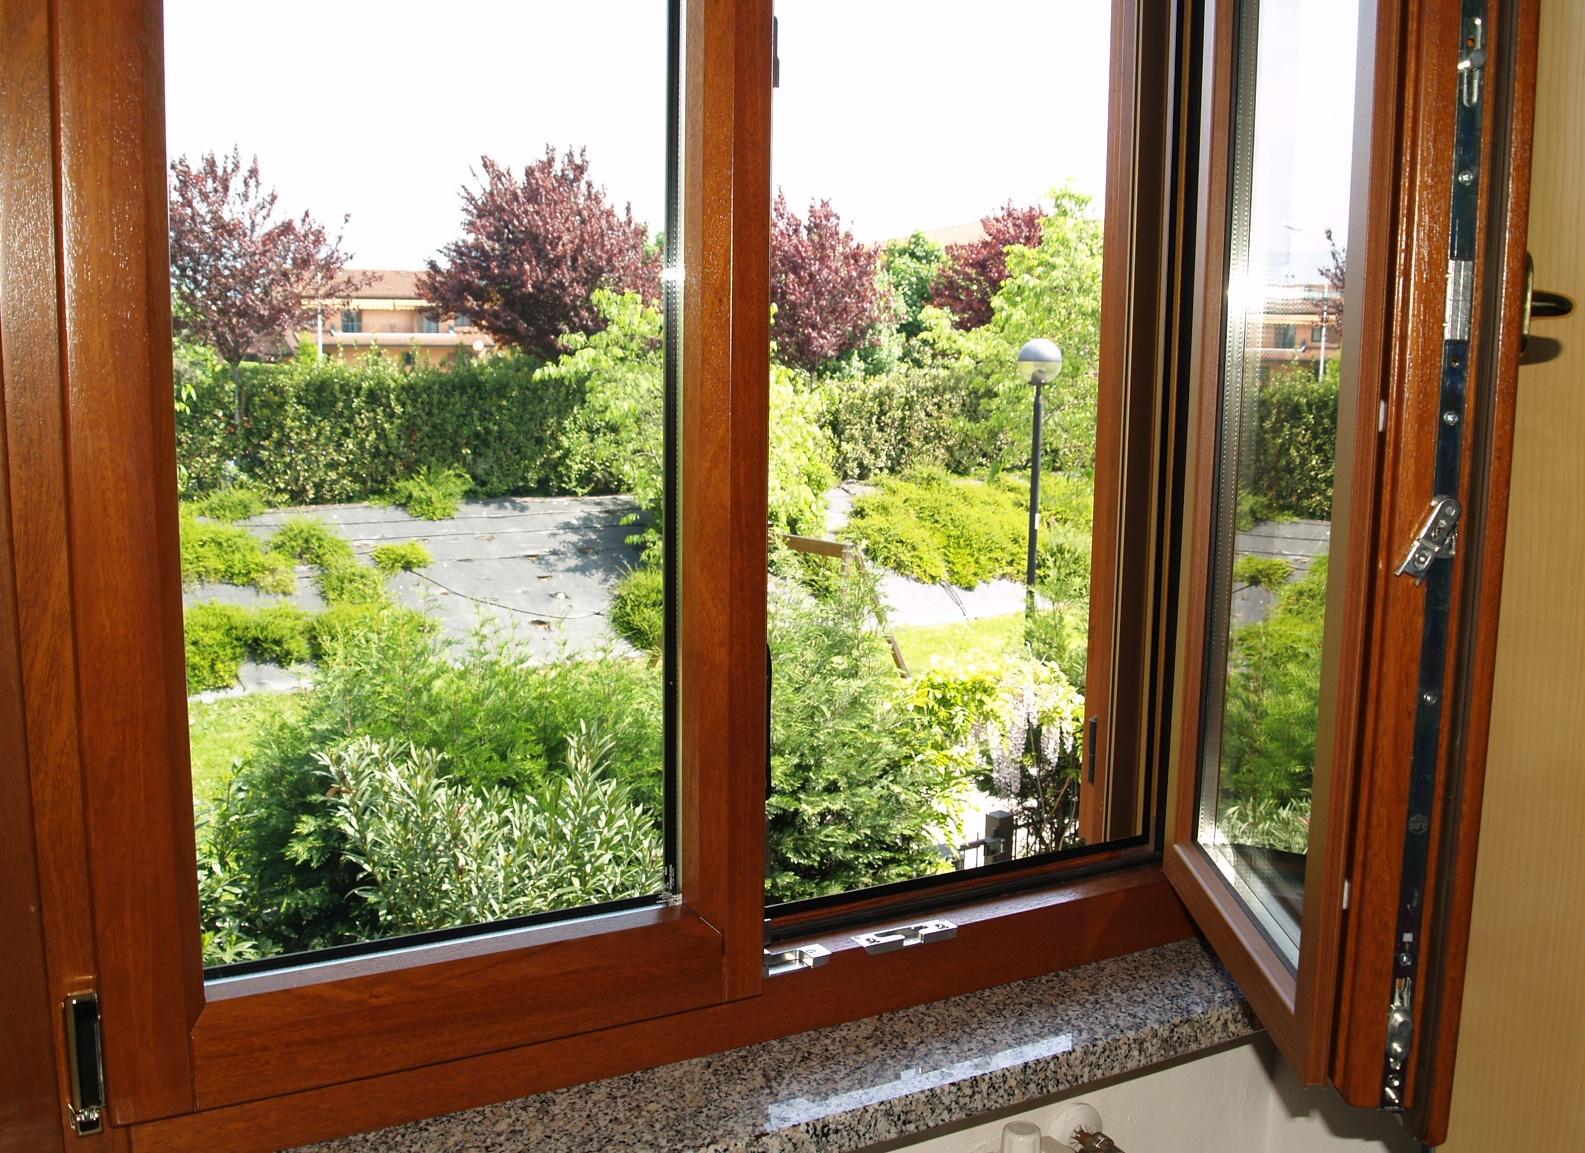 Ultime settimane per la detrazione 55 su finestre a for Finestre legno pvc